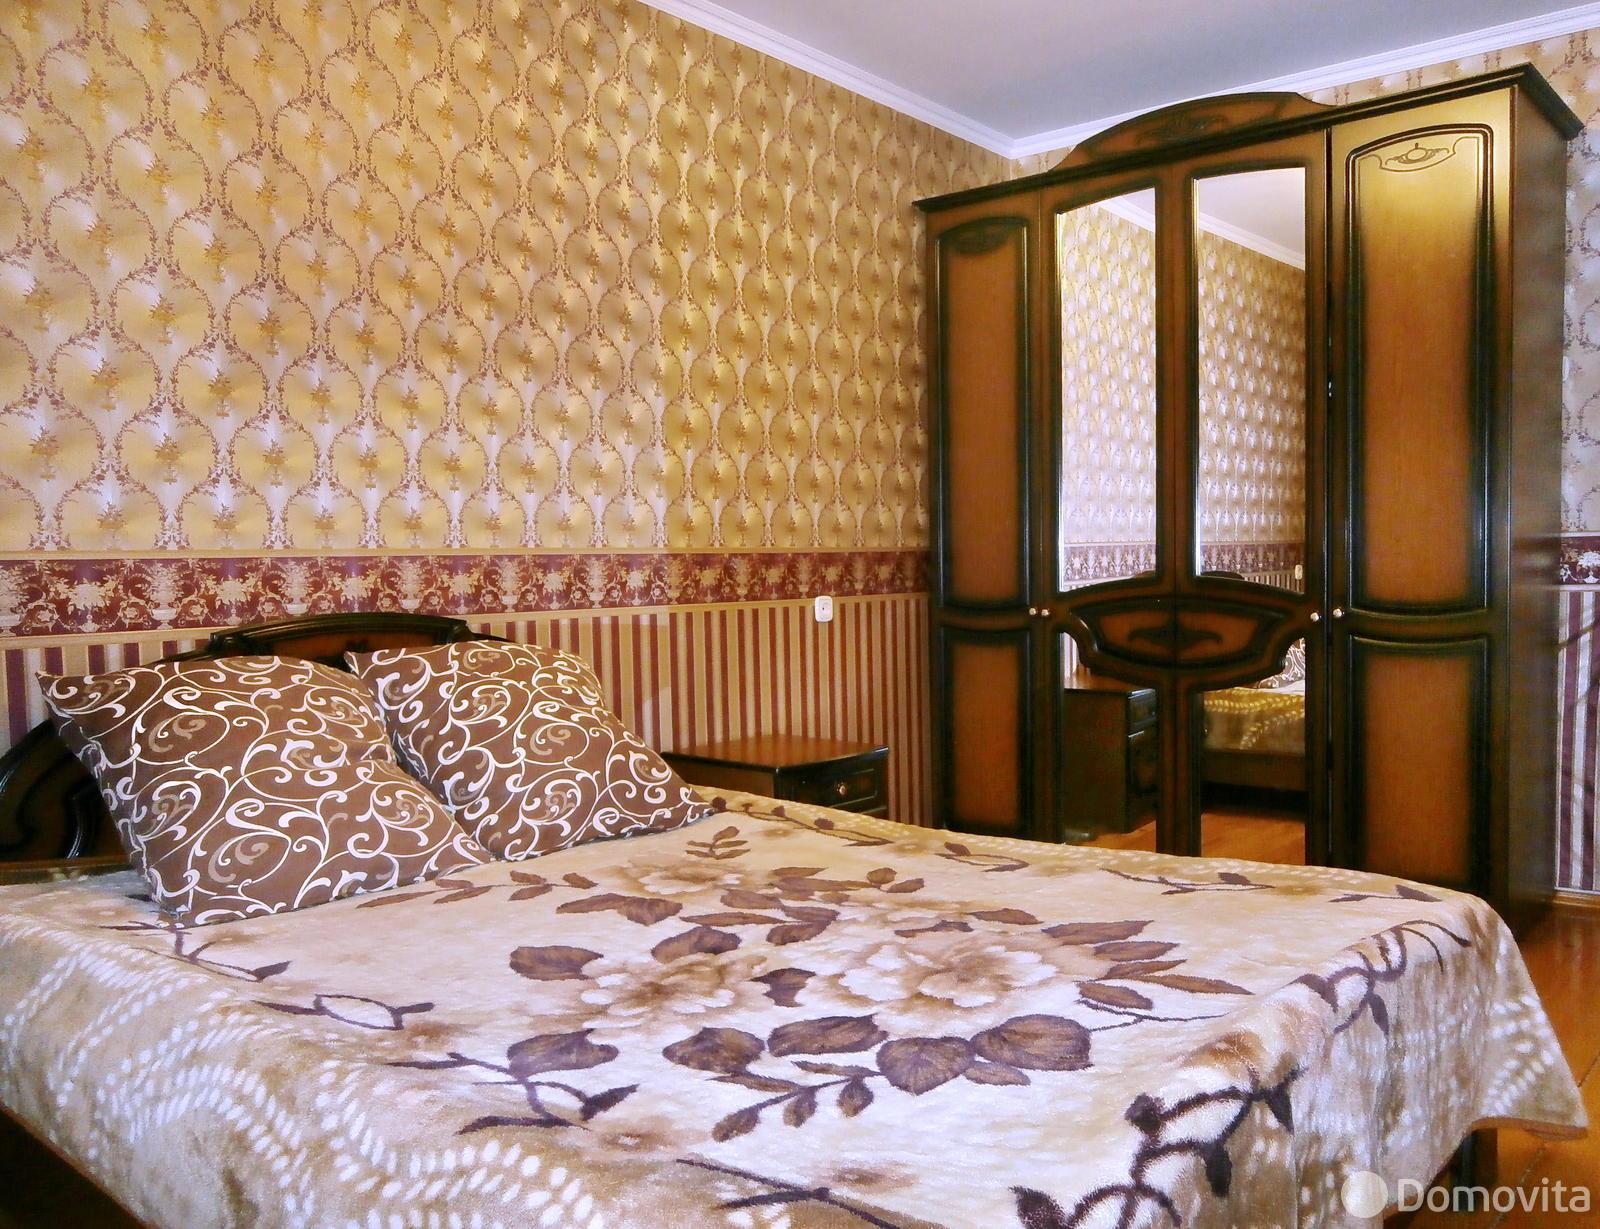 3-комнатная квартира на сутки в Осиповичах, ул. Сумченко, д. 83 - фото 6